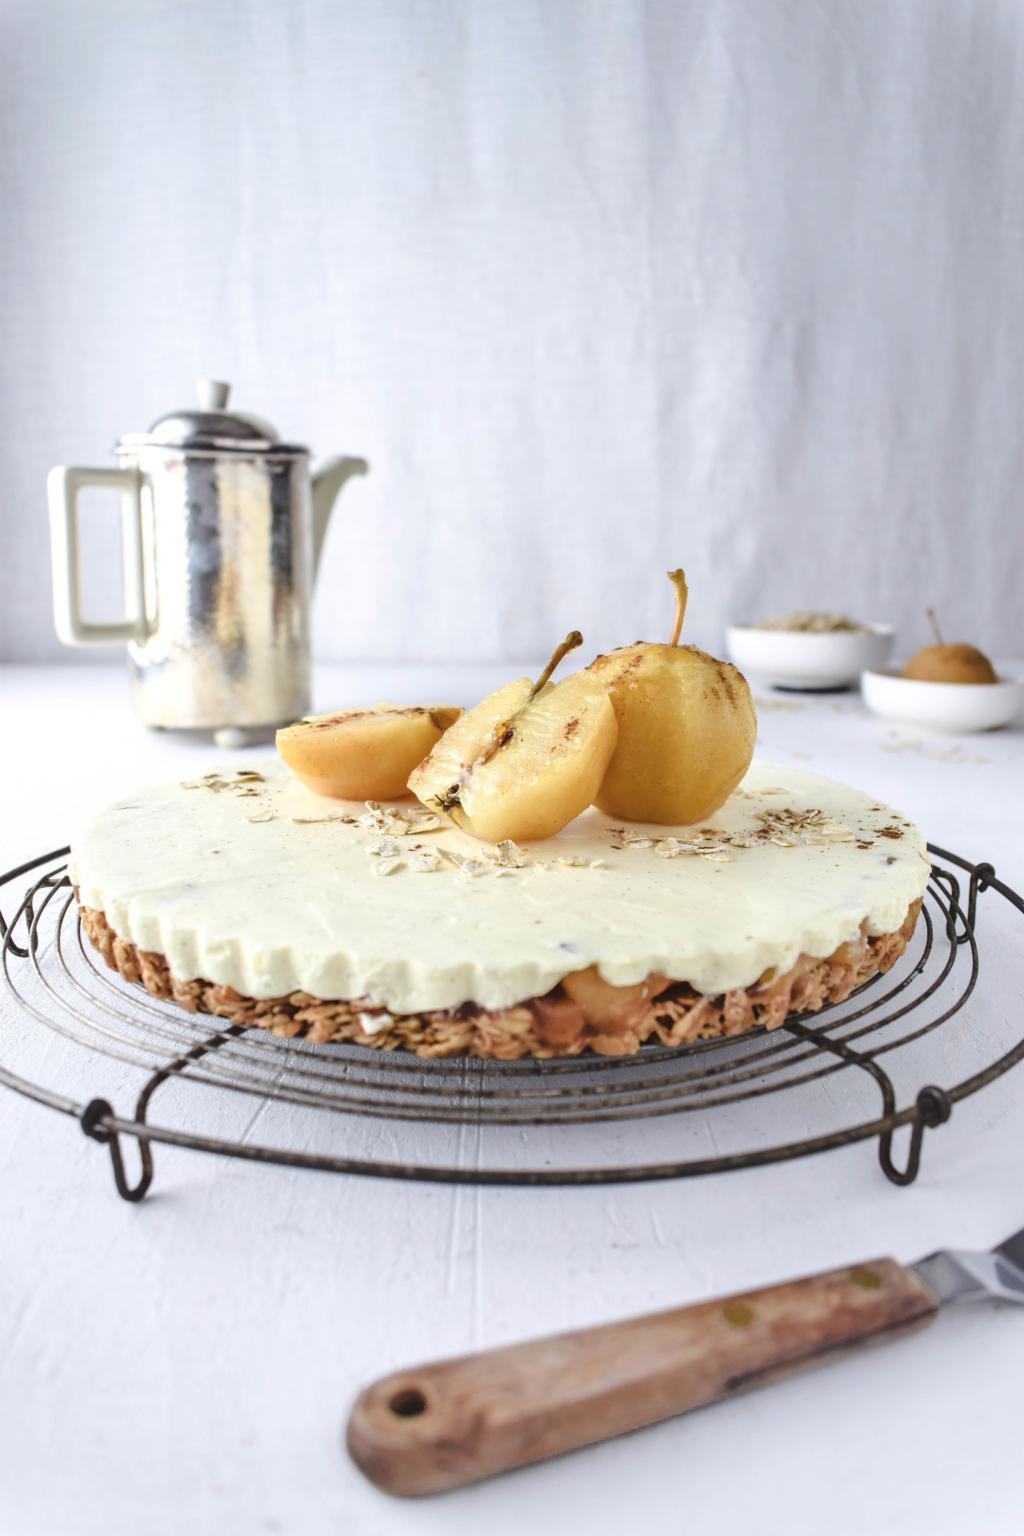 Apfeltarte mit Haferflockenboden und Vanillemousse. Für mich gehören Zimt, Äpfel und Vanillesauce einfach zusammen! - Histaminarm, Glutenfrei, Laktosefrei